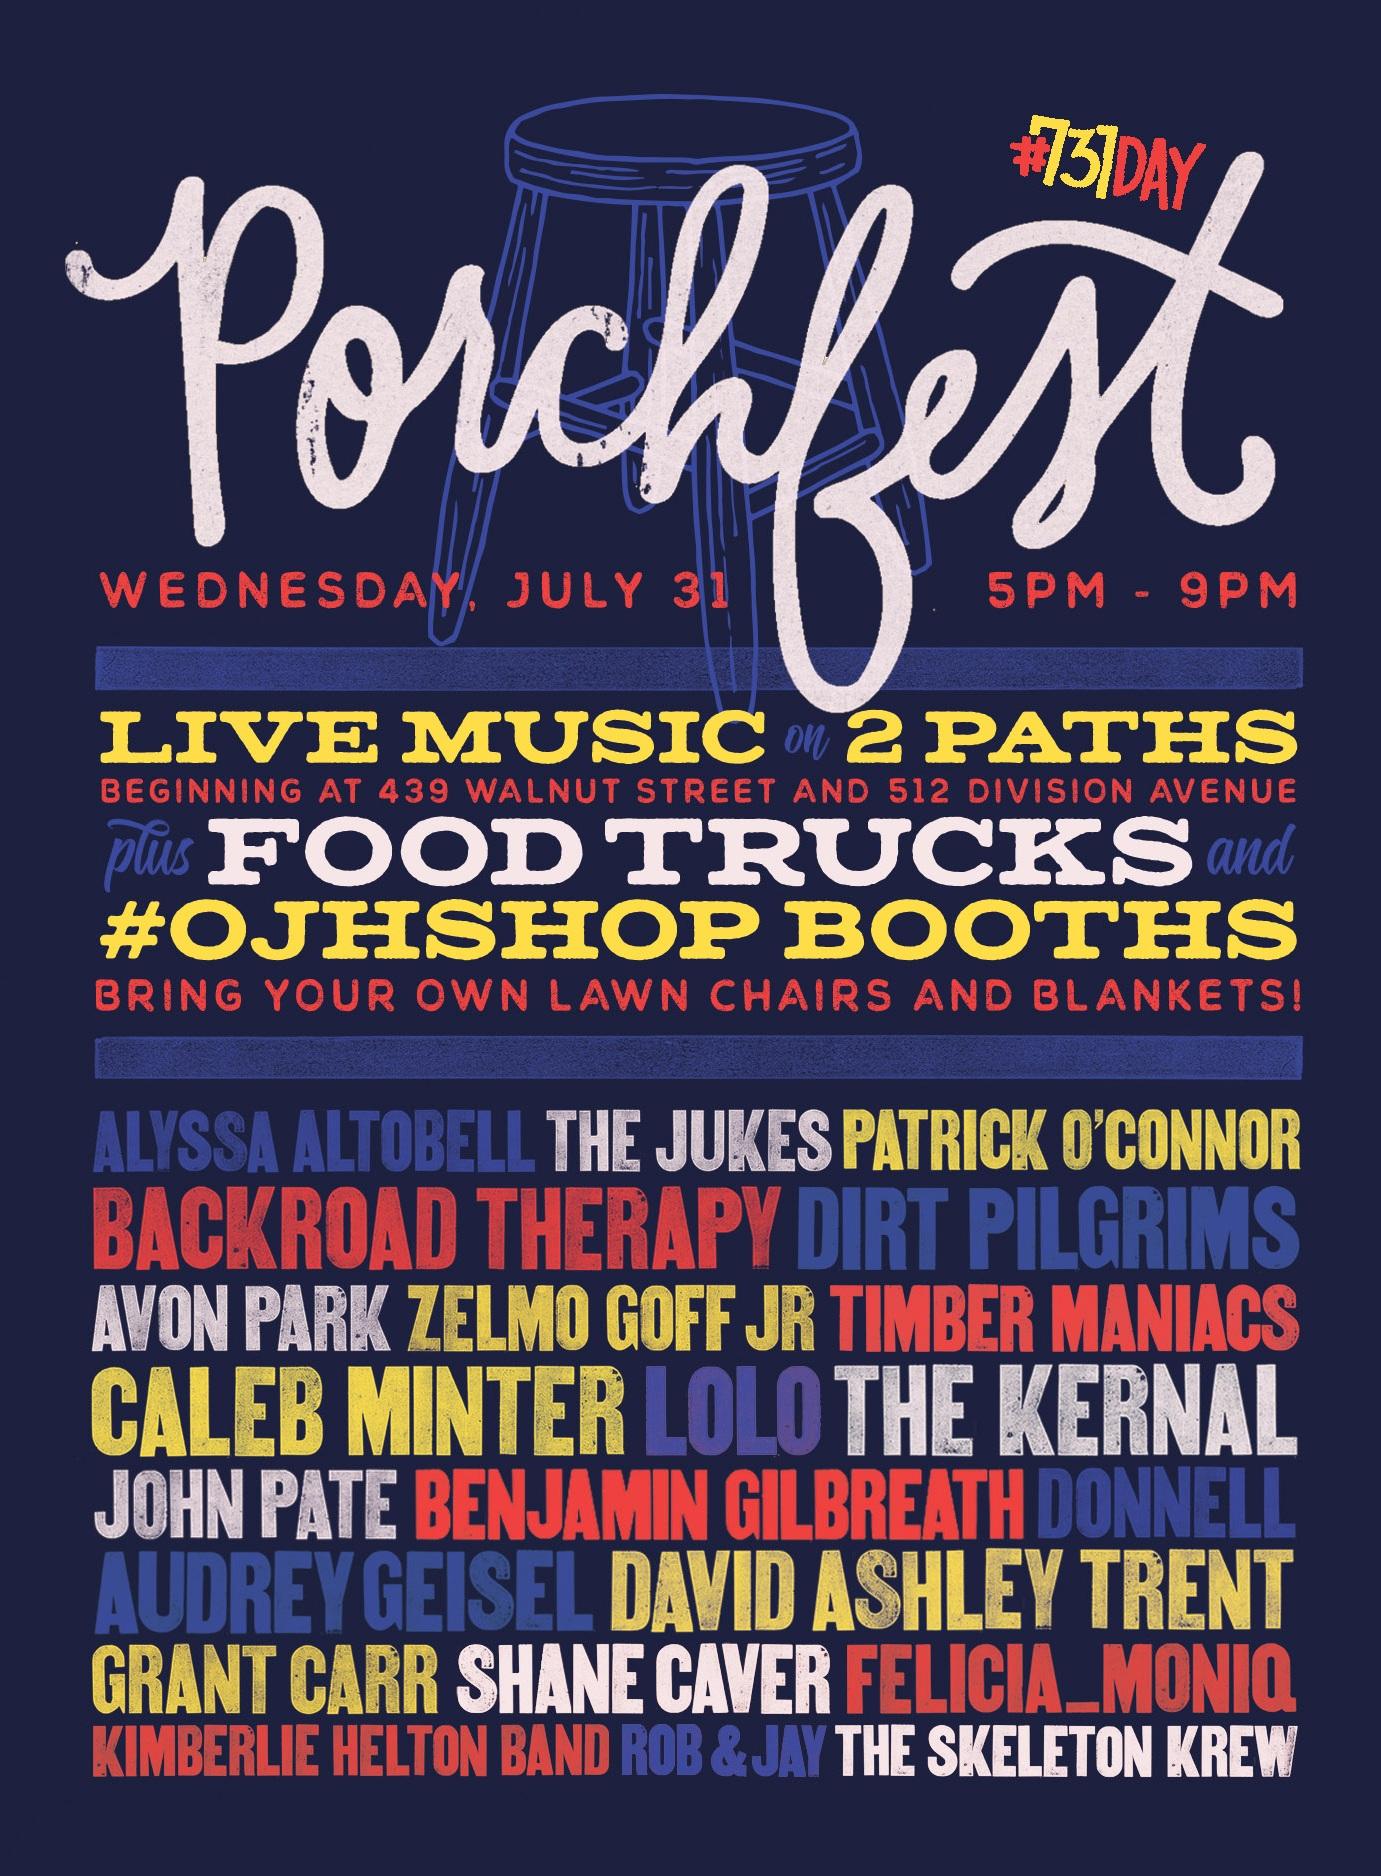 Porchfest_2019_poster_11x17_RBG.jpg